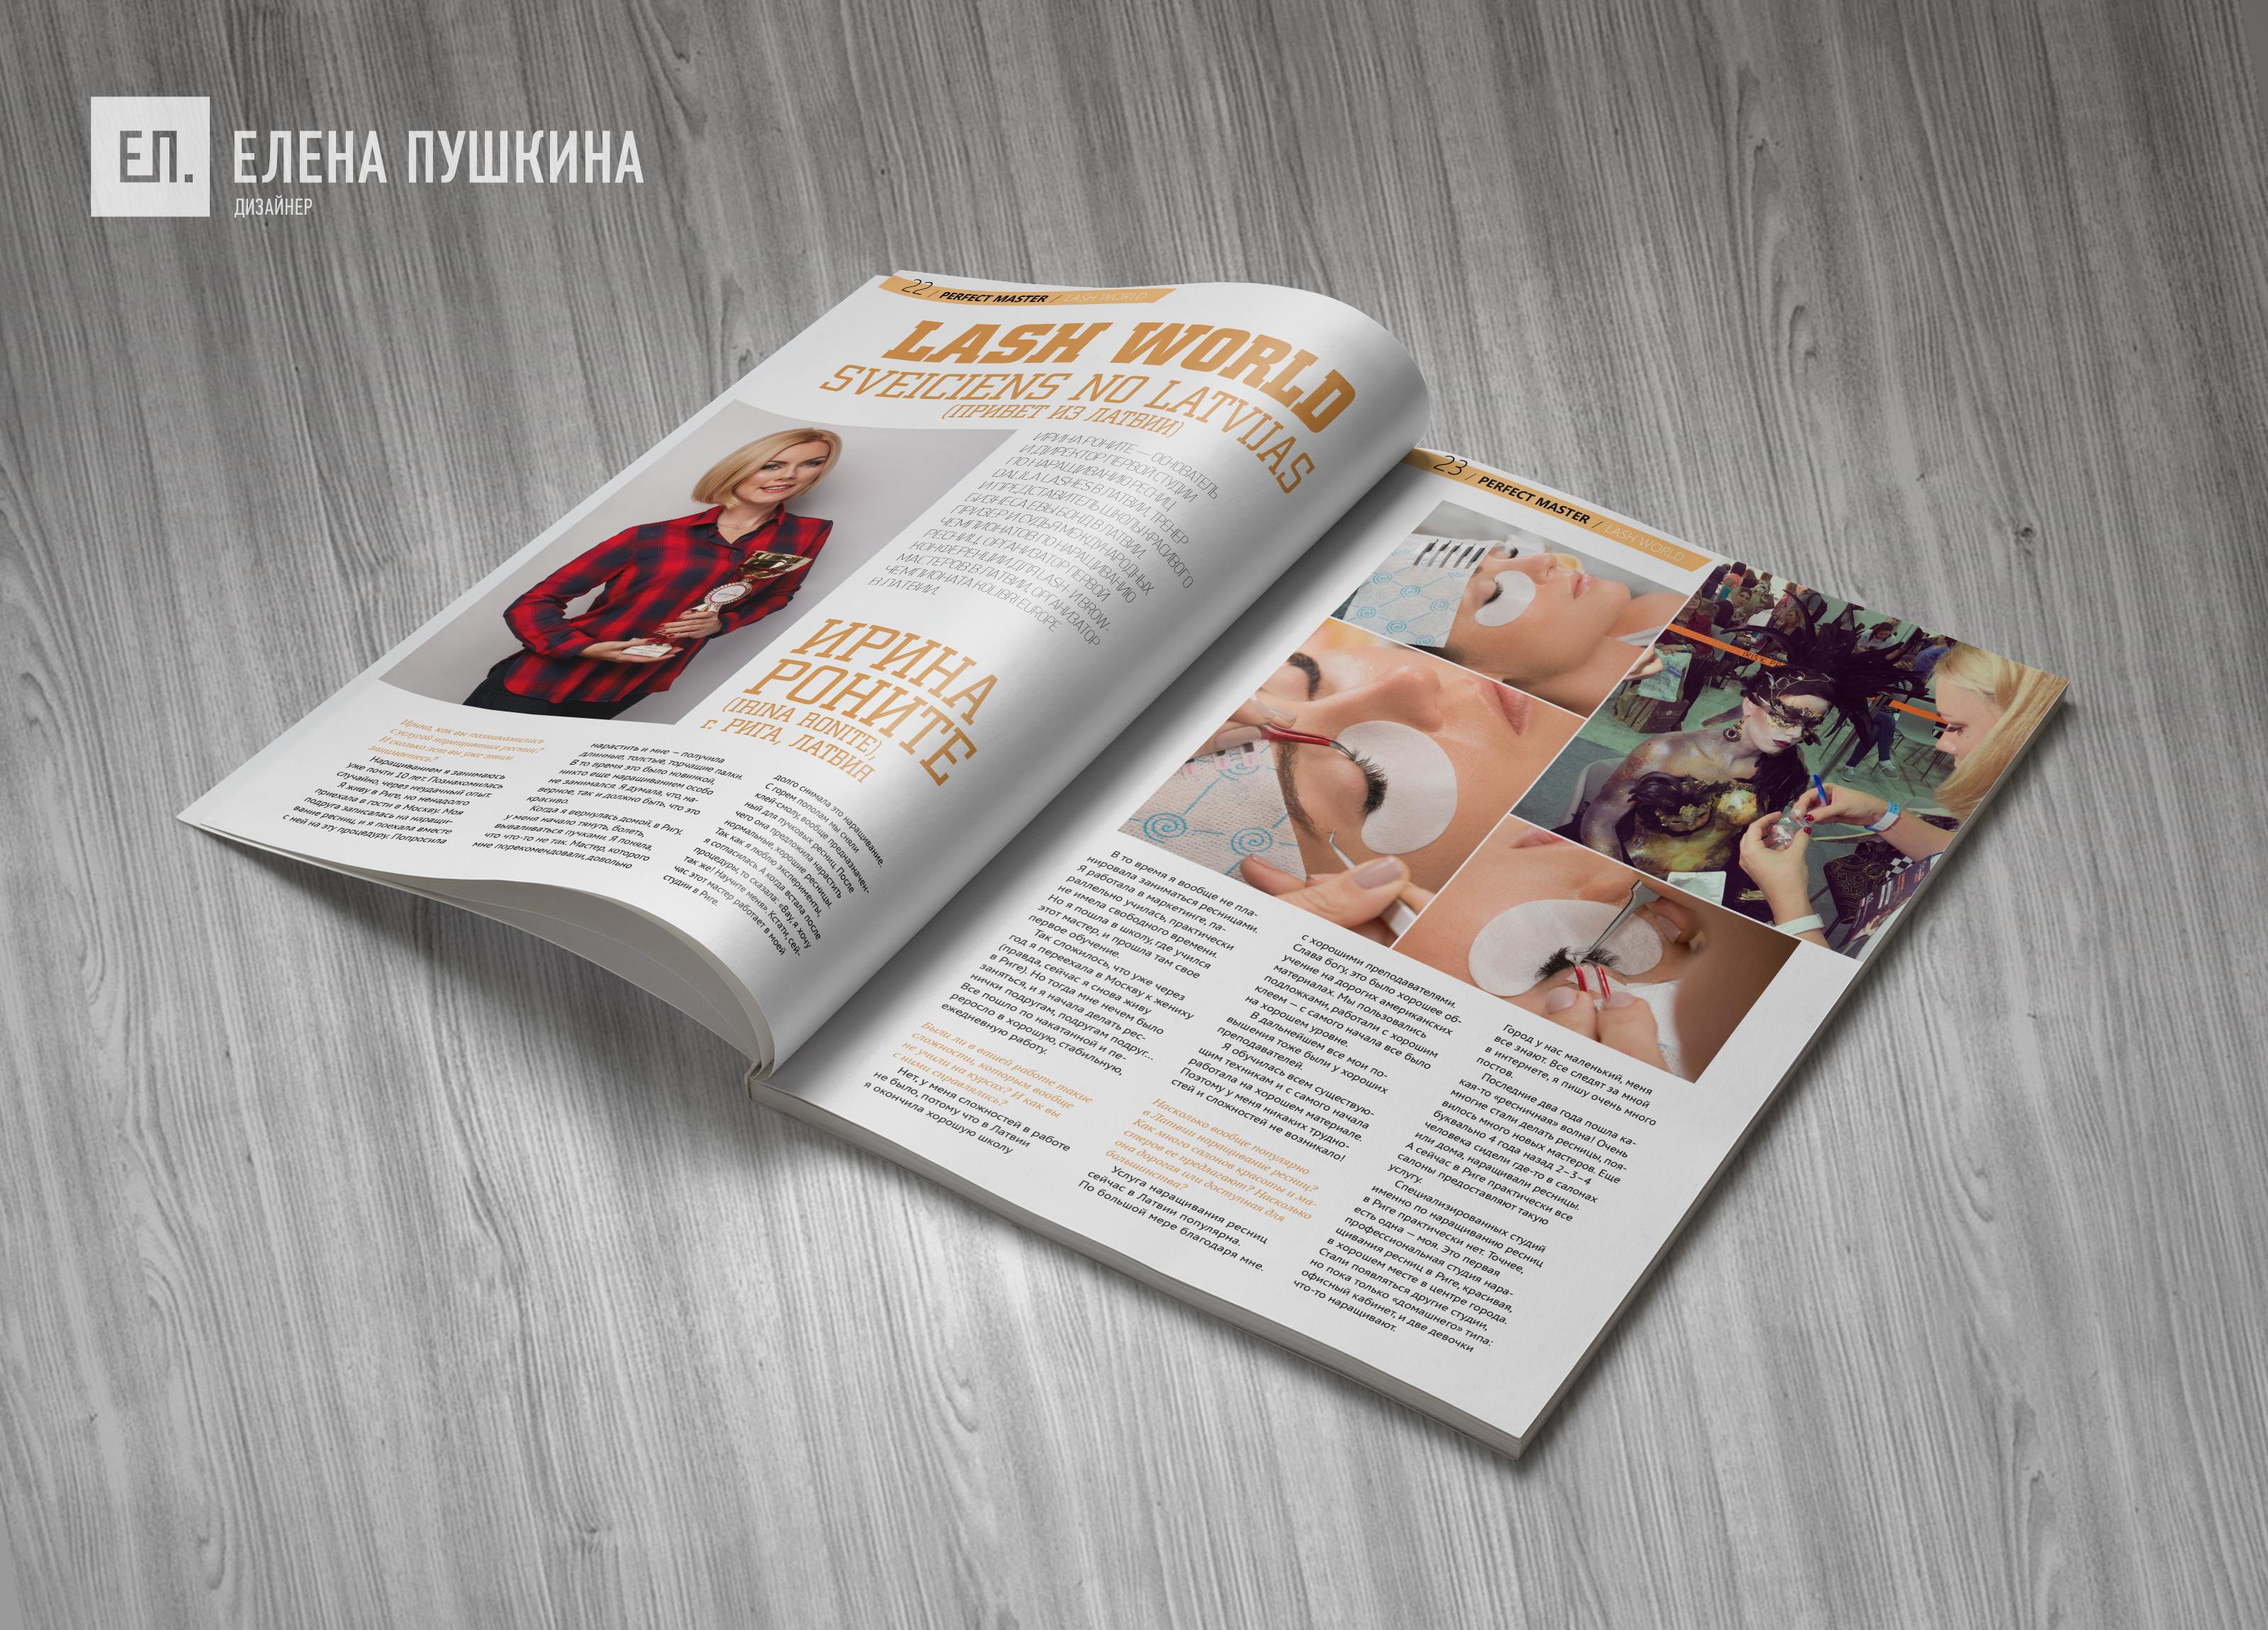 Глянцевый журнал «PERFECT MASTER» №7 октябрь 2016— разработка с«нуля» логотипа, обложки, макета ивёрстка журнала Разработка журналов Портфолио